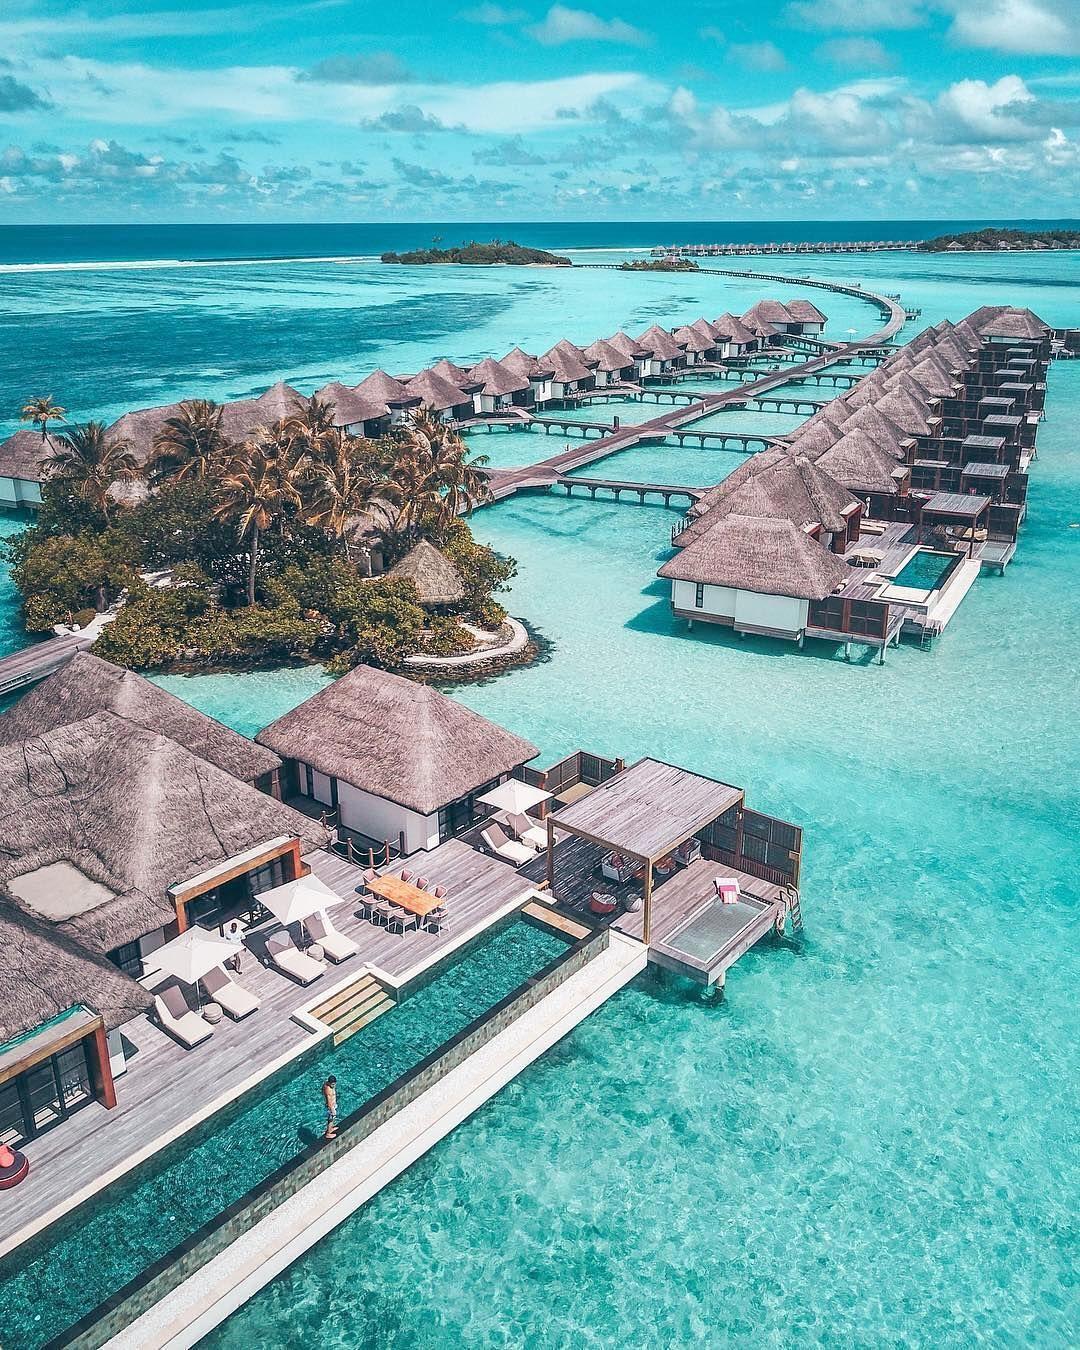 Four Seasons Maldives At Kuda Huraa Maldives Photo Mgtenazas Fsmaldives Theglobewanderer The Unique Honeymoon Destinations Vacation Places Maldives Travel